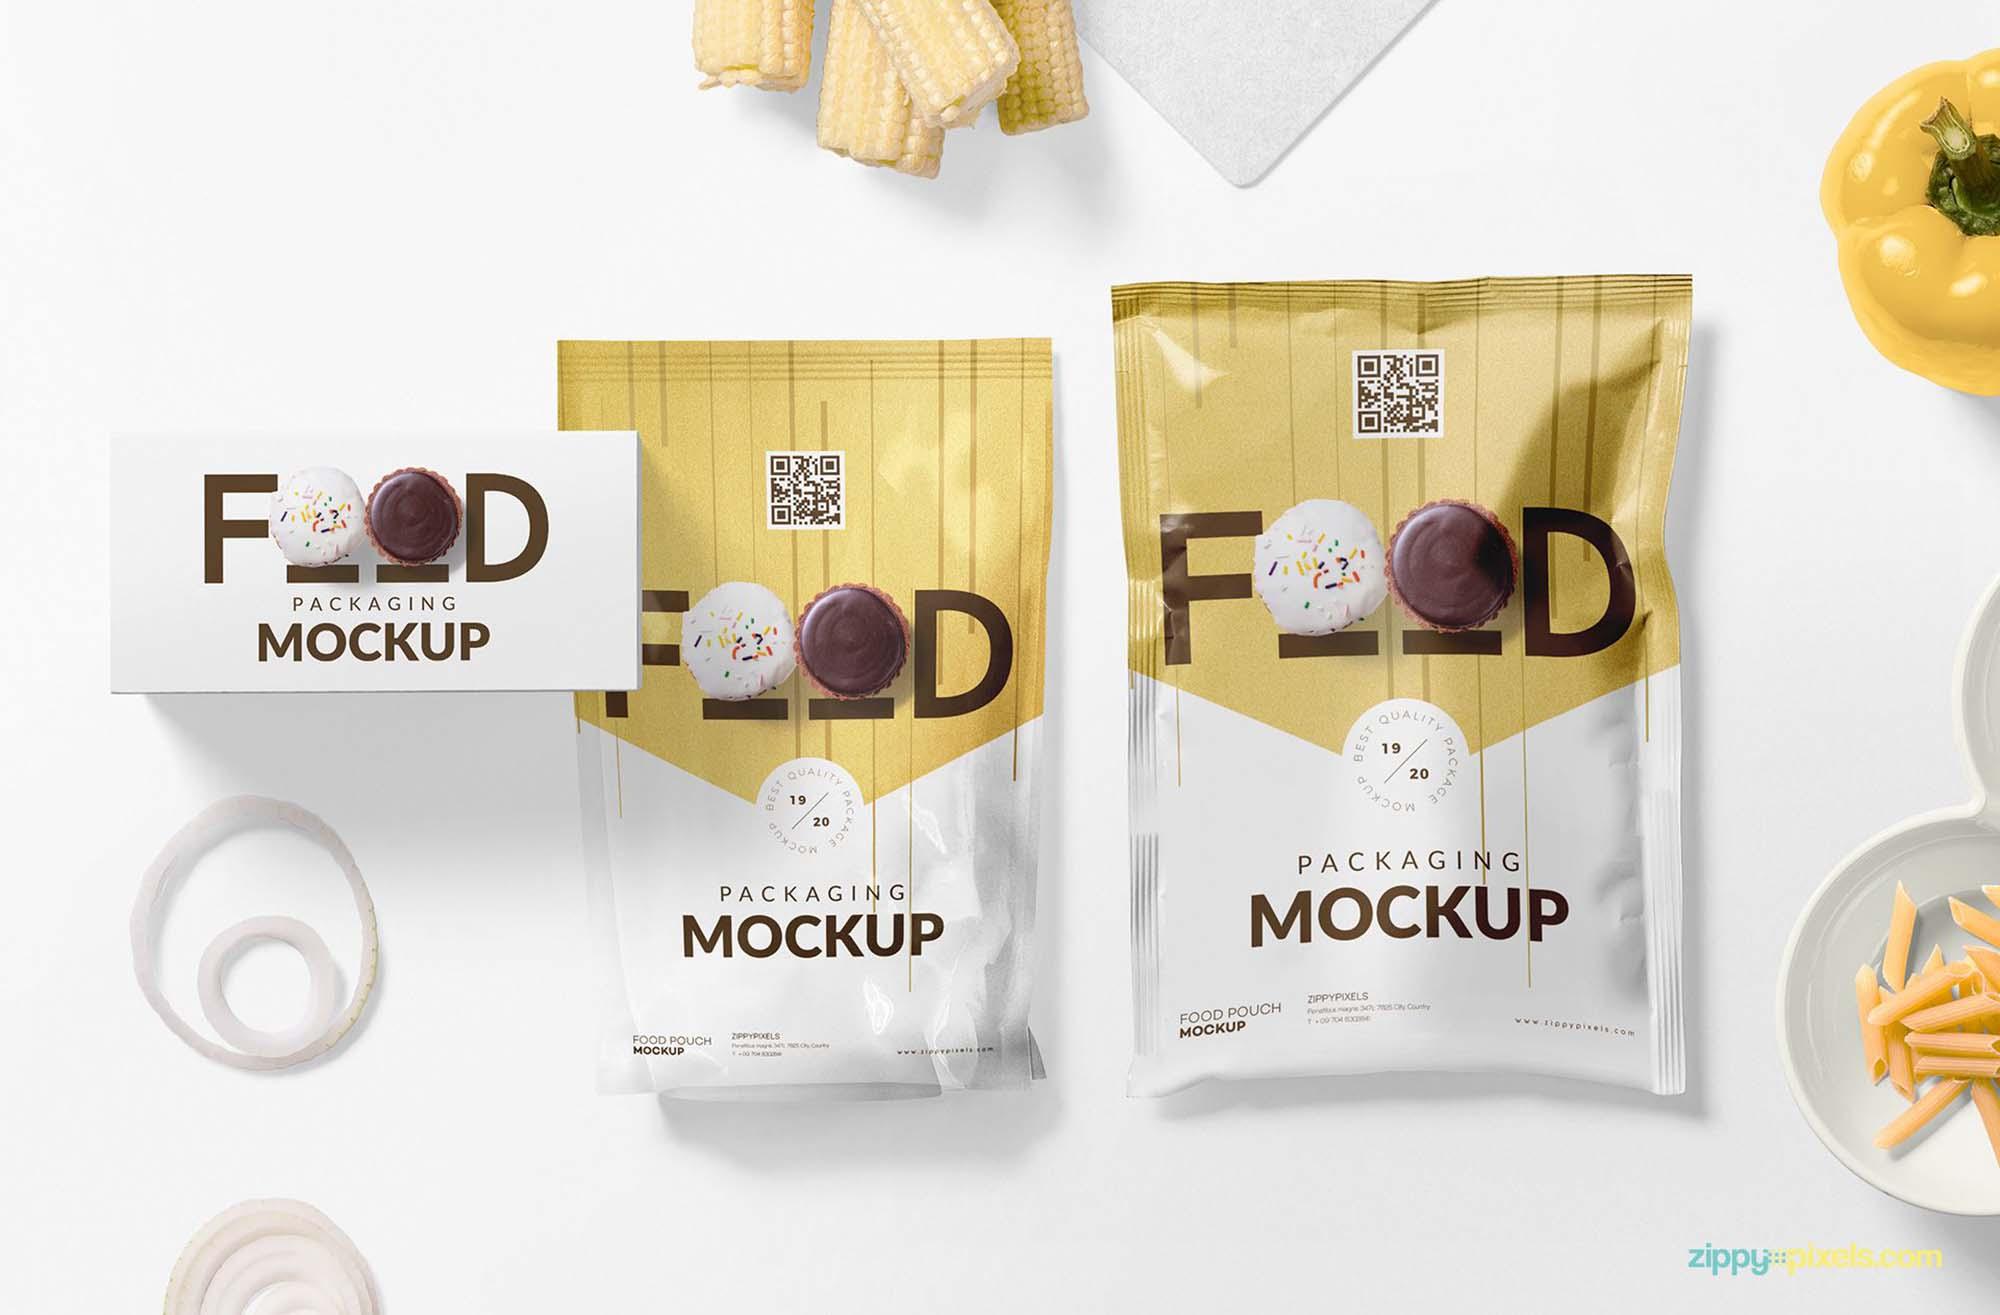 Food Packaging Mockup 2